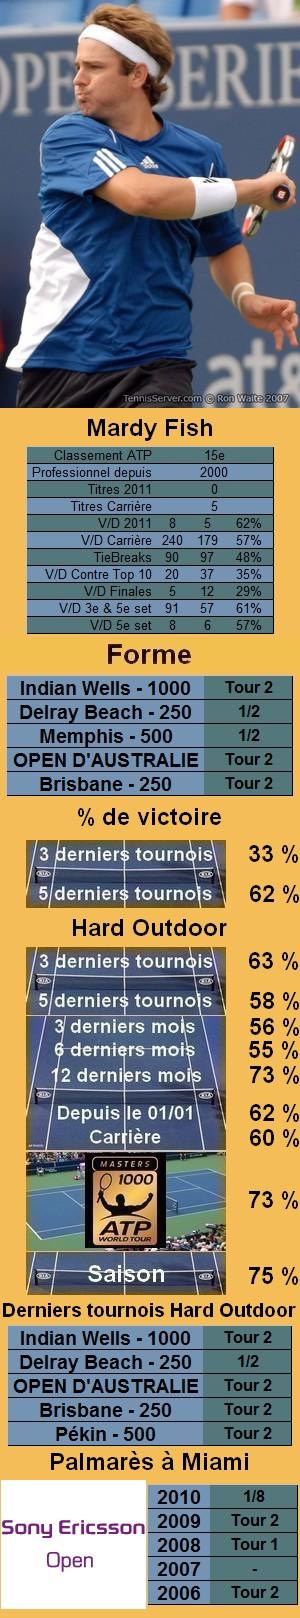 Les statistiques tennis de Mardy Fish pour le tournoi de Miami